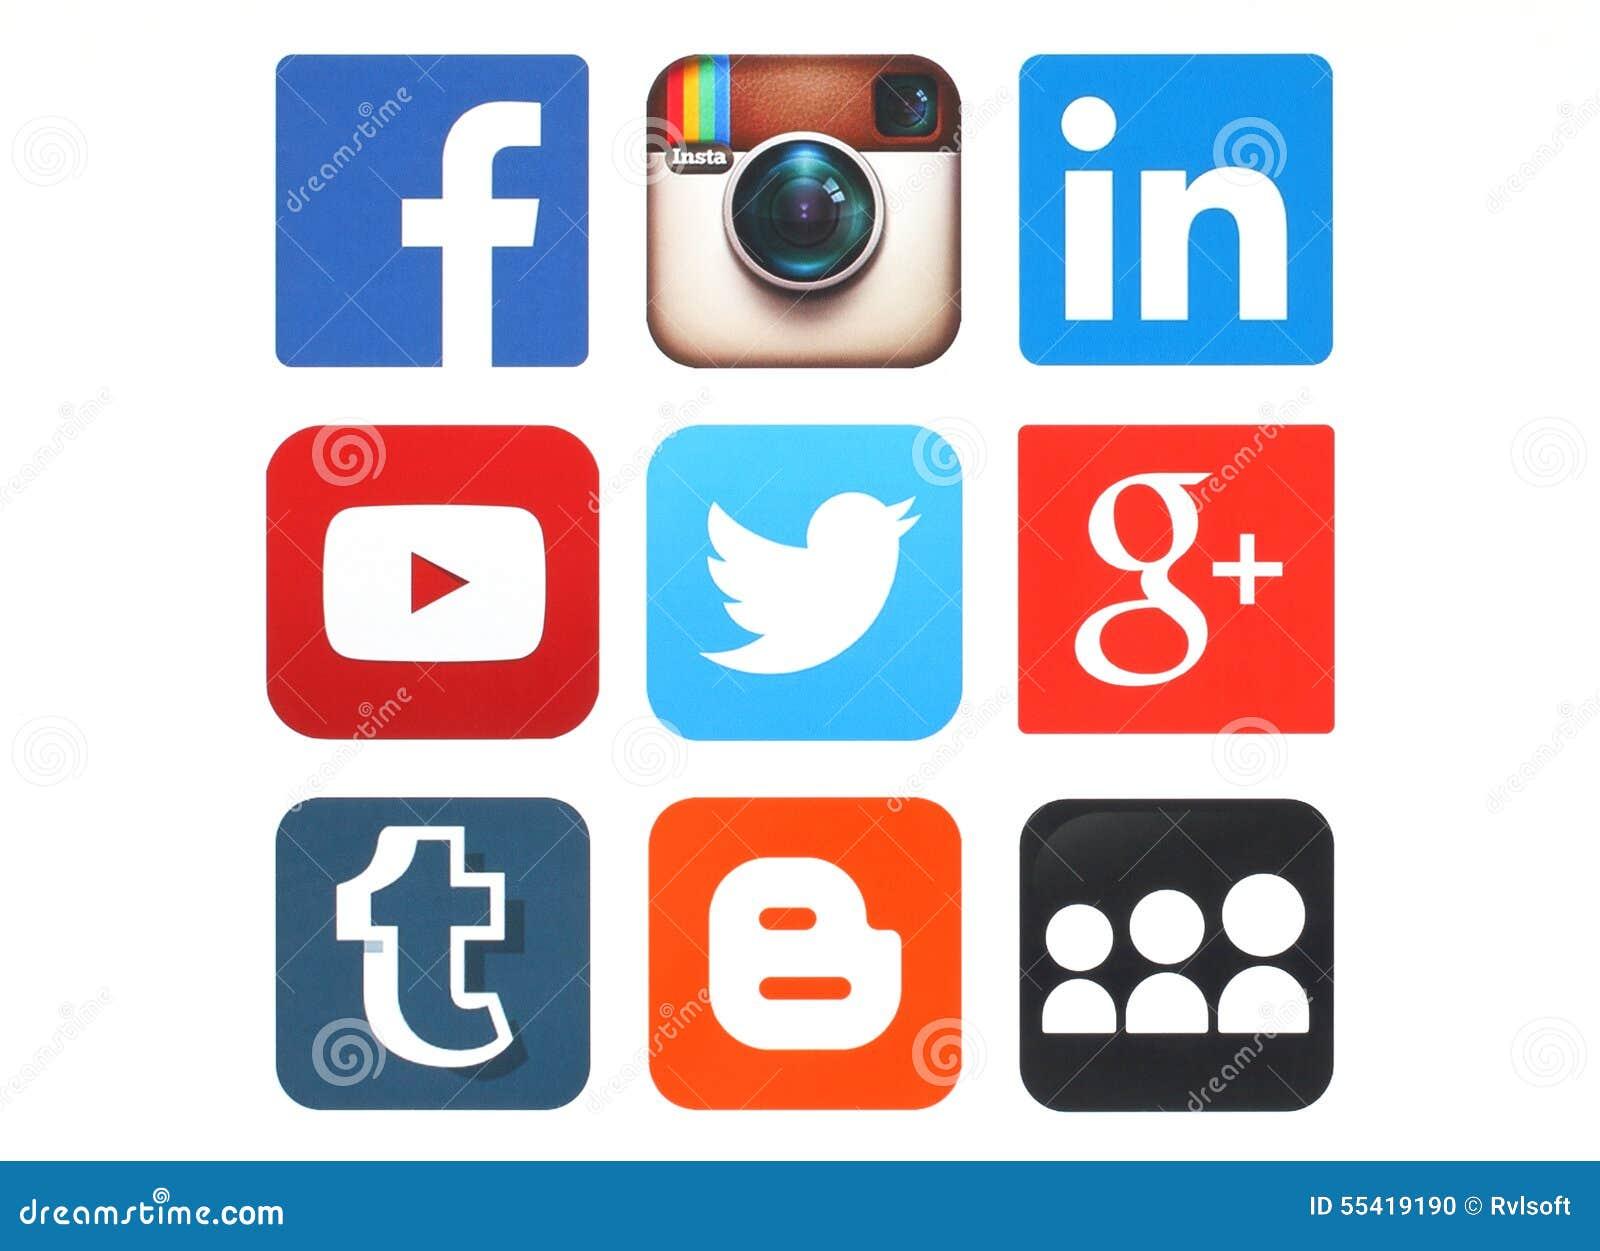 Собрание популярных социальных логотипов средств массовой информации напечатало на бумаге